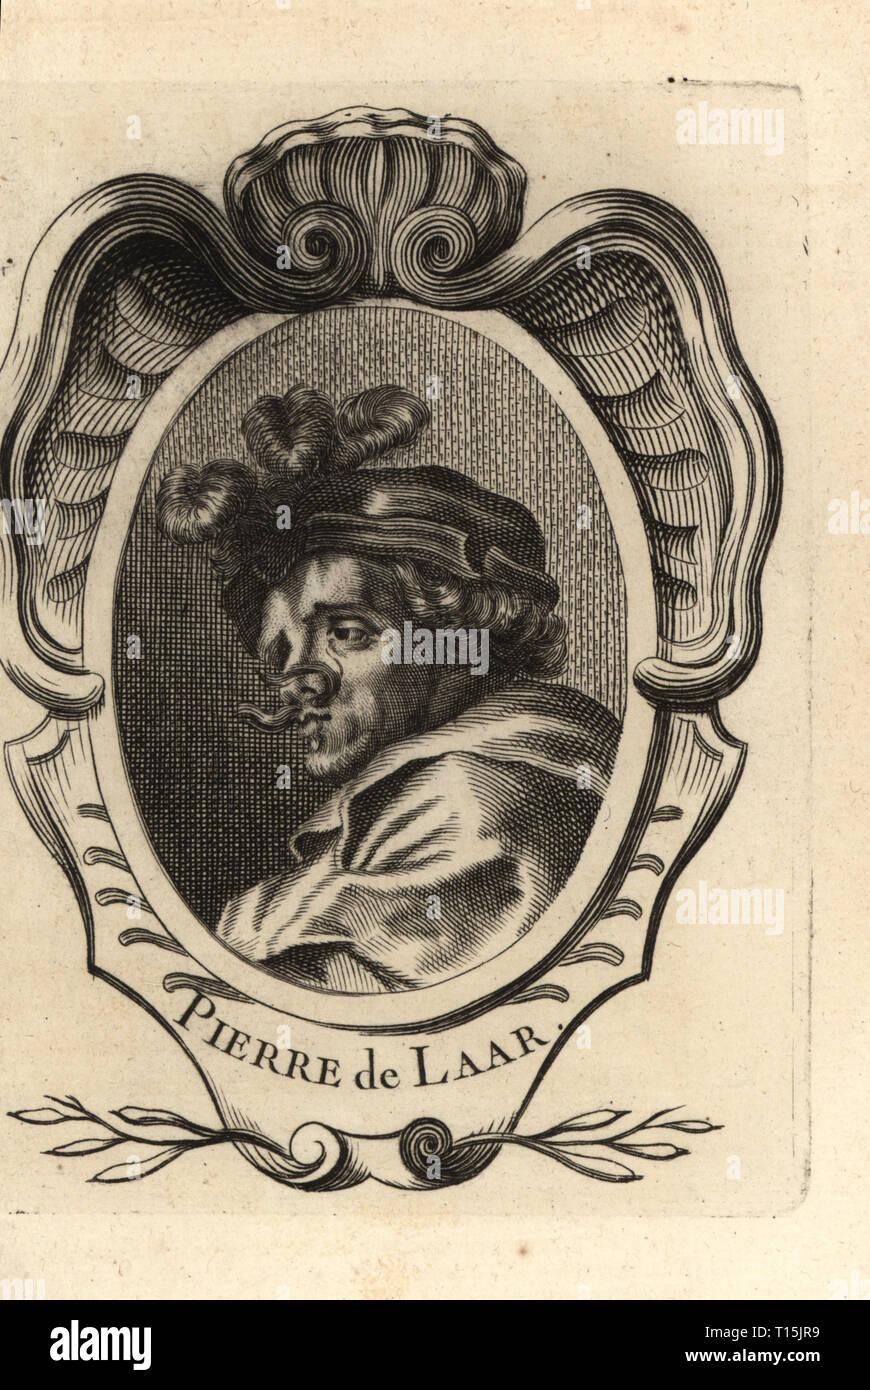 Portrait of Pieter van Laer, Il Bamboccio, Dutch painter and printmaker 1599-1642. Pierre de Laar. Copperplate engraving from Antoine-Joseph Dezallier d'Argenville's Abrege de la vie des plus fameux peintres, Lives of the most Famous Artists, de Bure l'Aine, Paris, 1762. - Stock Image